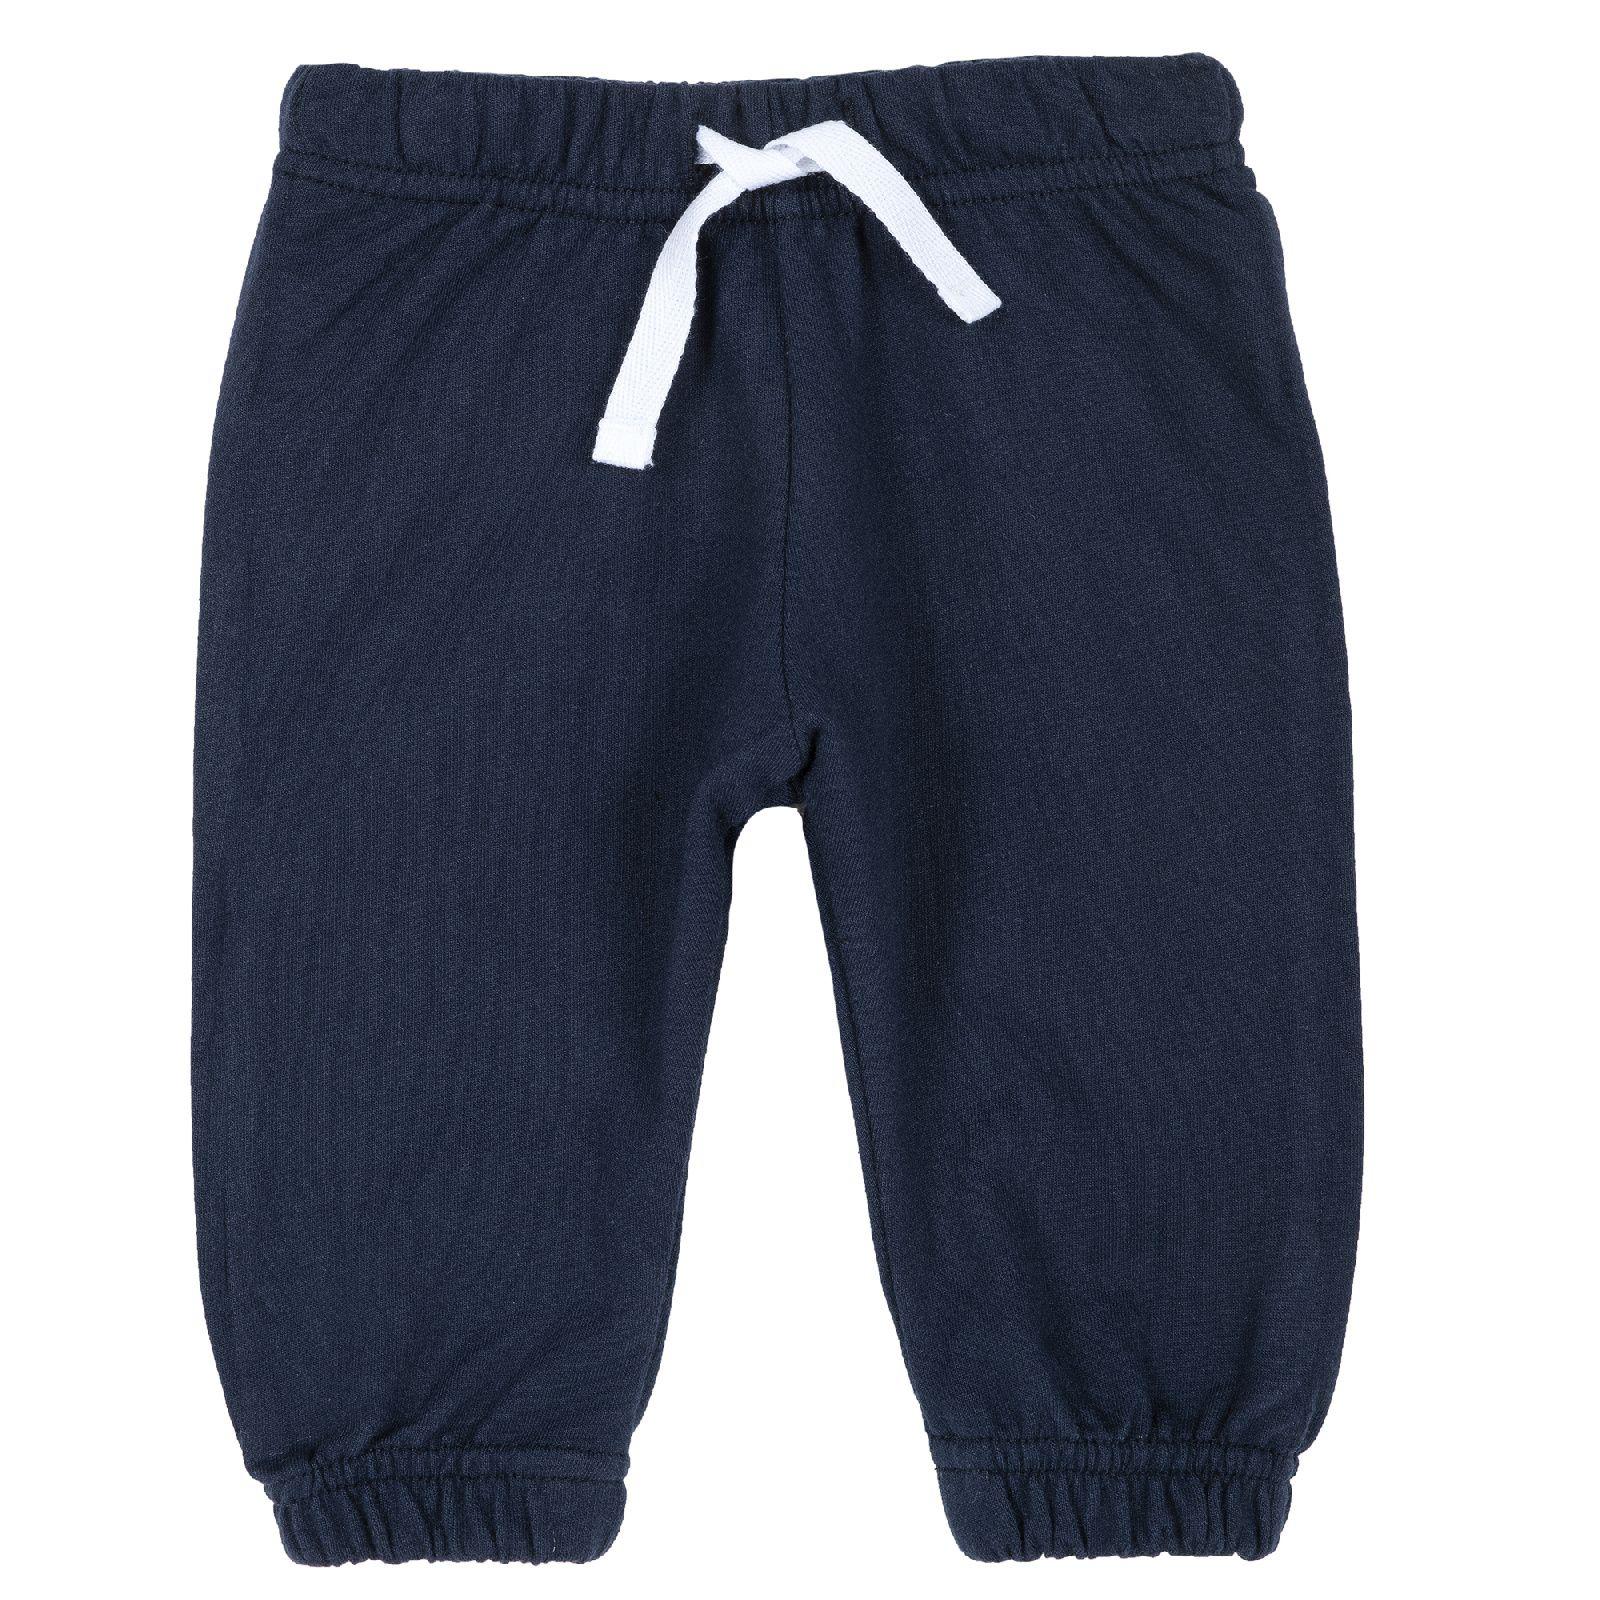 Купить 9008132, Брюки для мальчиков Chicco с белым шнурком, цвет темно-синий, размер 80, Детские брюки и шорты